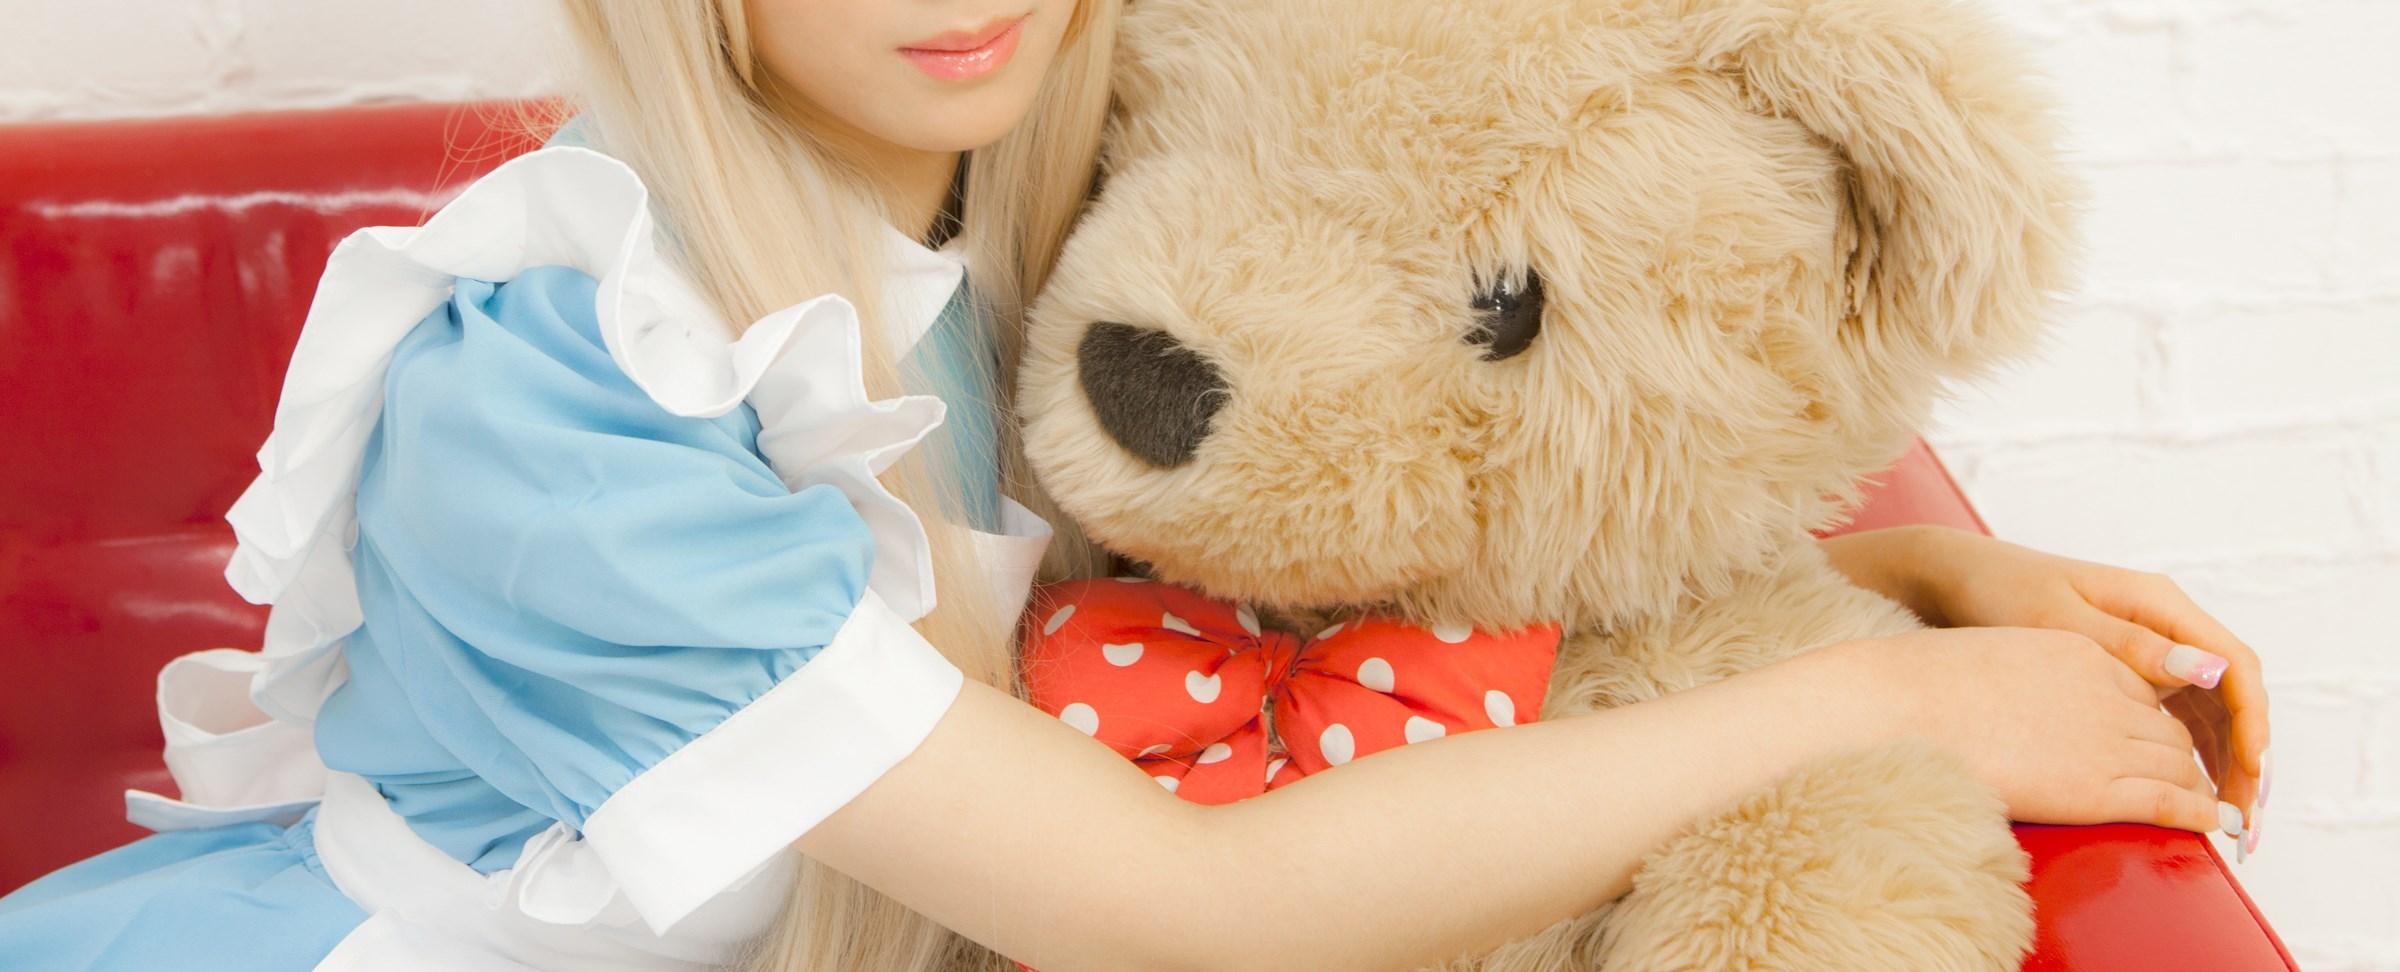 【兔玩映画】爱丽丝少女 兔玩映画 第18张